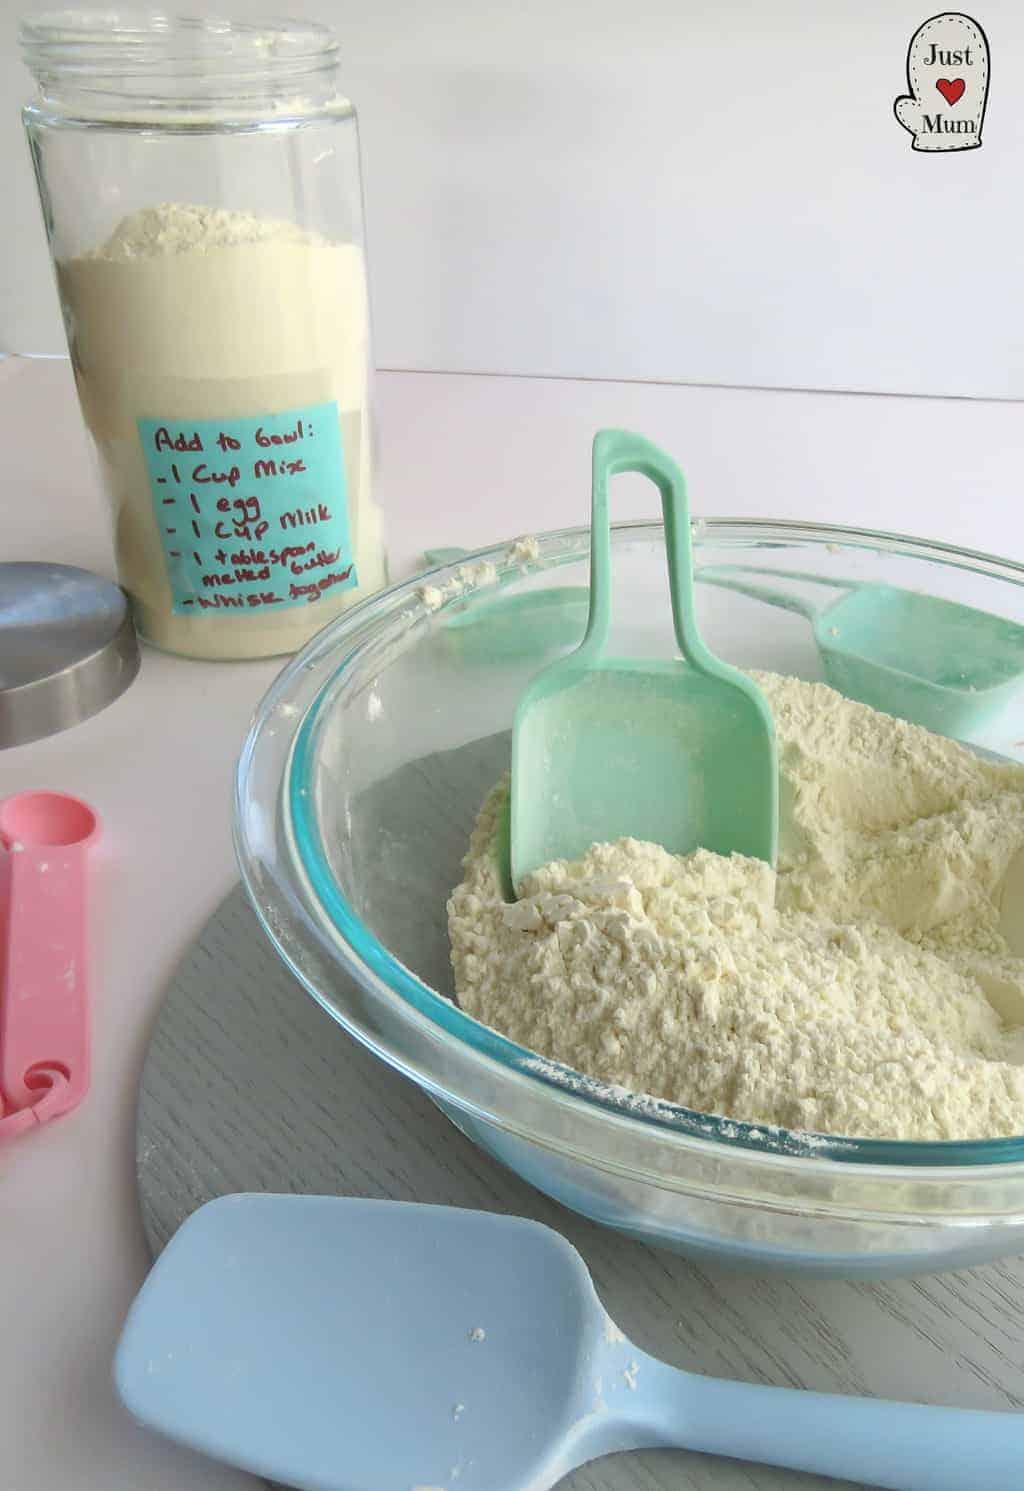 Just A Mum's Homemade Pancake Mix